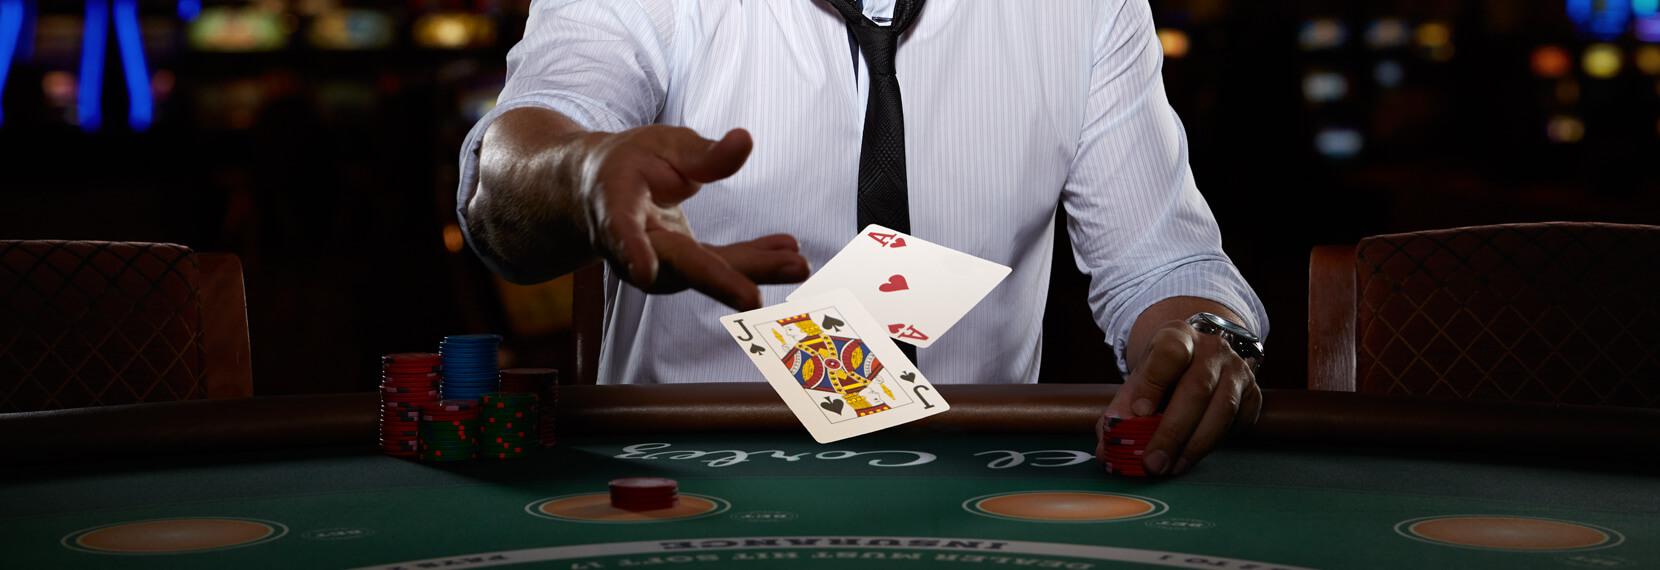 Blackjack en ligne, une opportunité de jeu à saisir